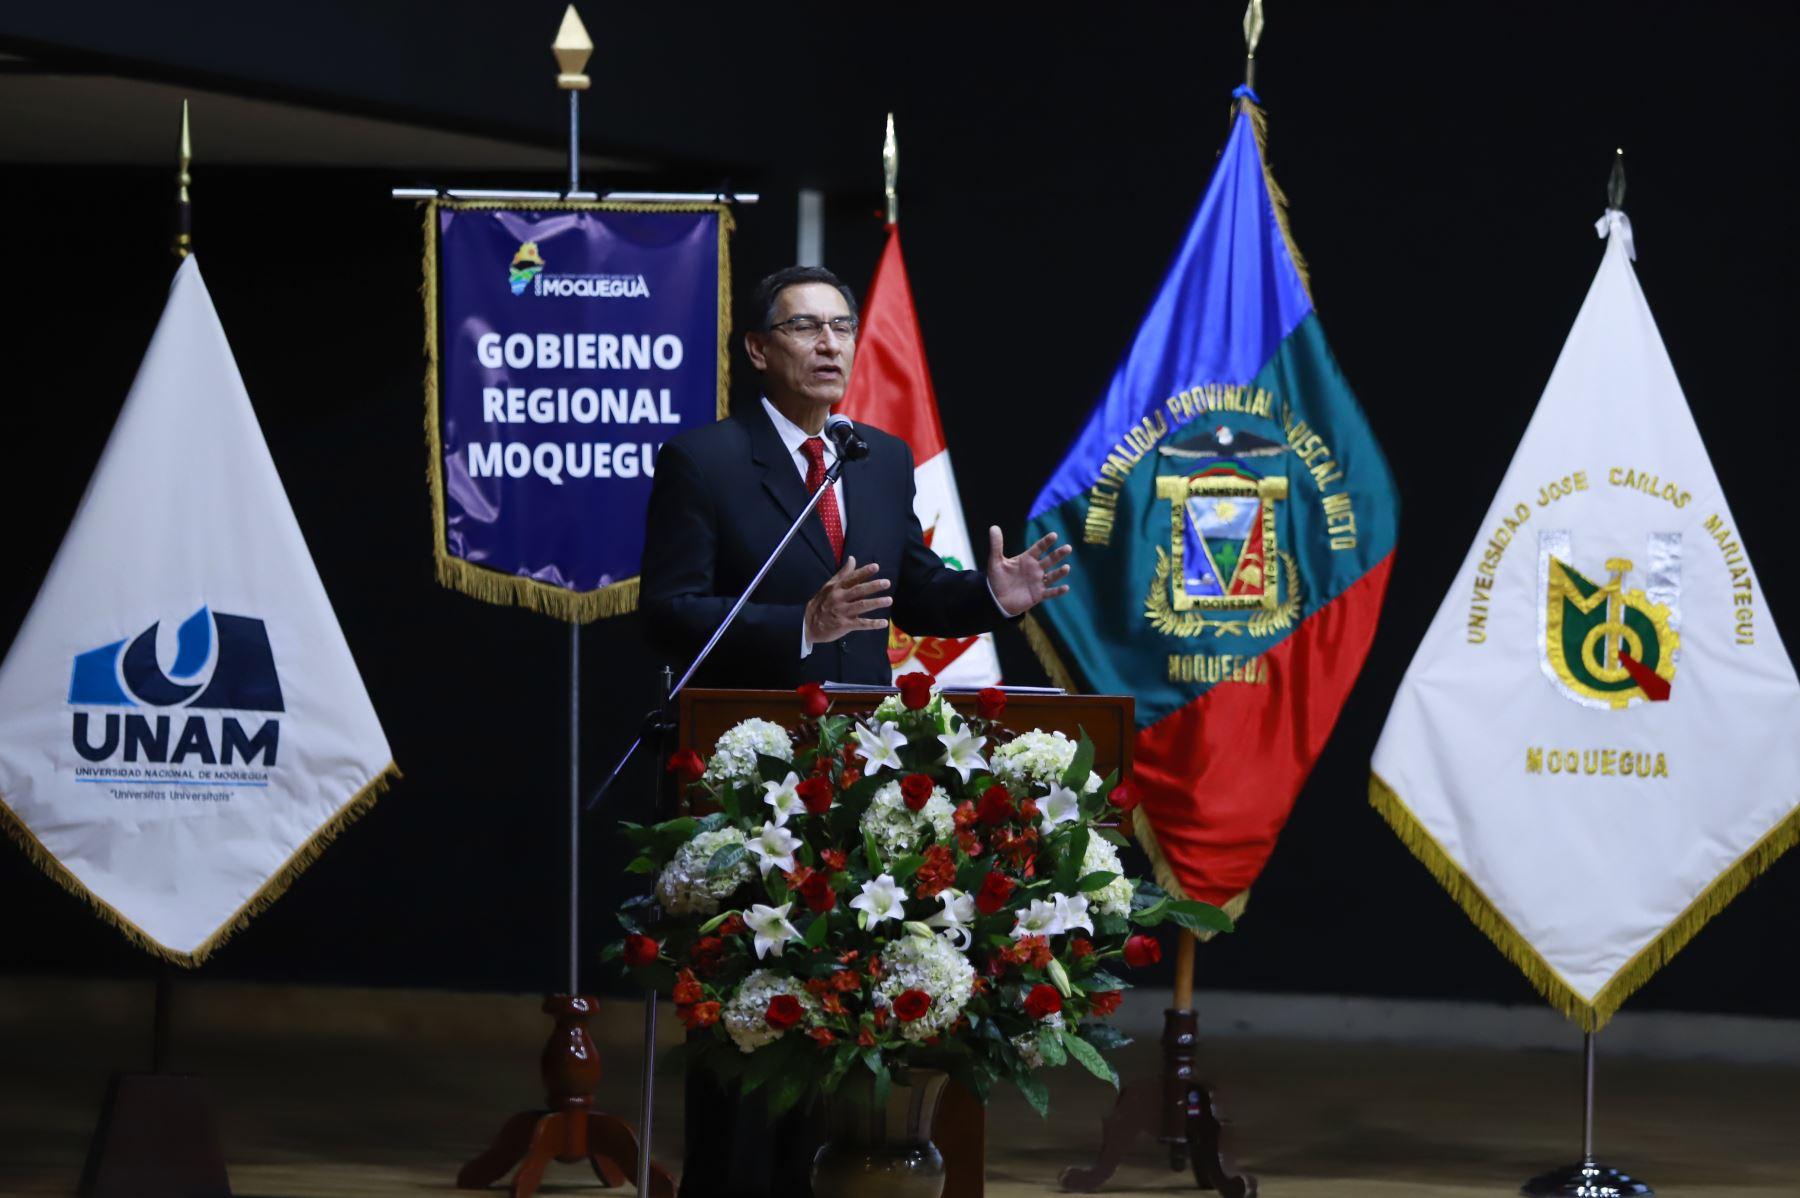 Presidente participa en la segunda Conferencia sobre seguridad, defensa y gestión de riesgo de desastres de la Macro Región Sur, en Moquegua. Foto: ANDINA/Prensa Presidencia